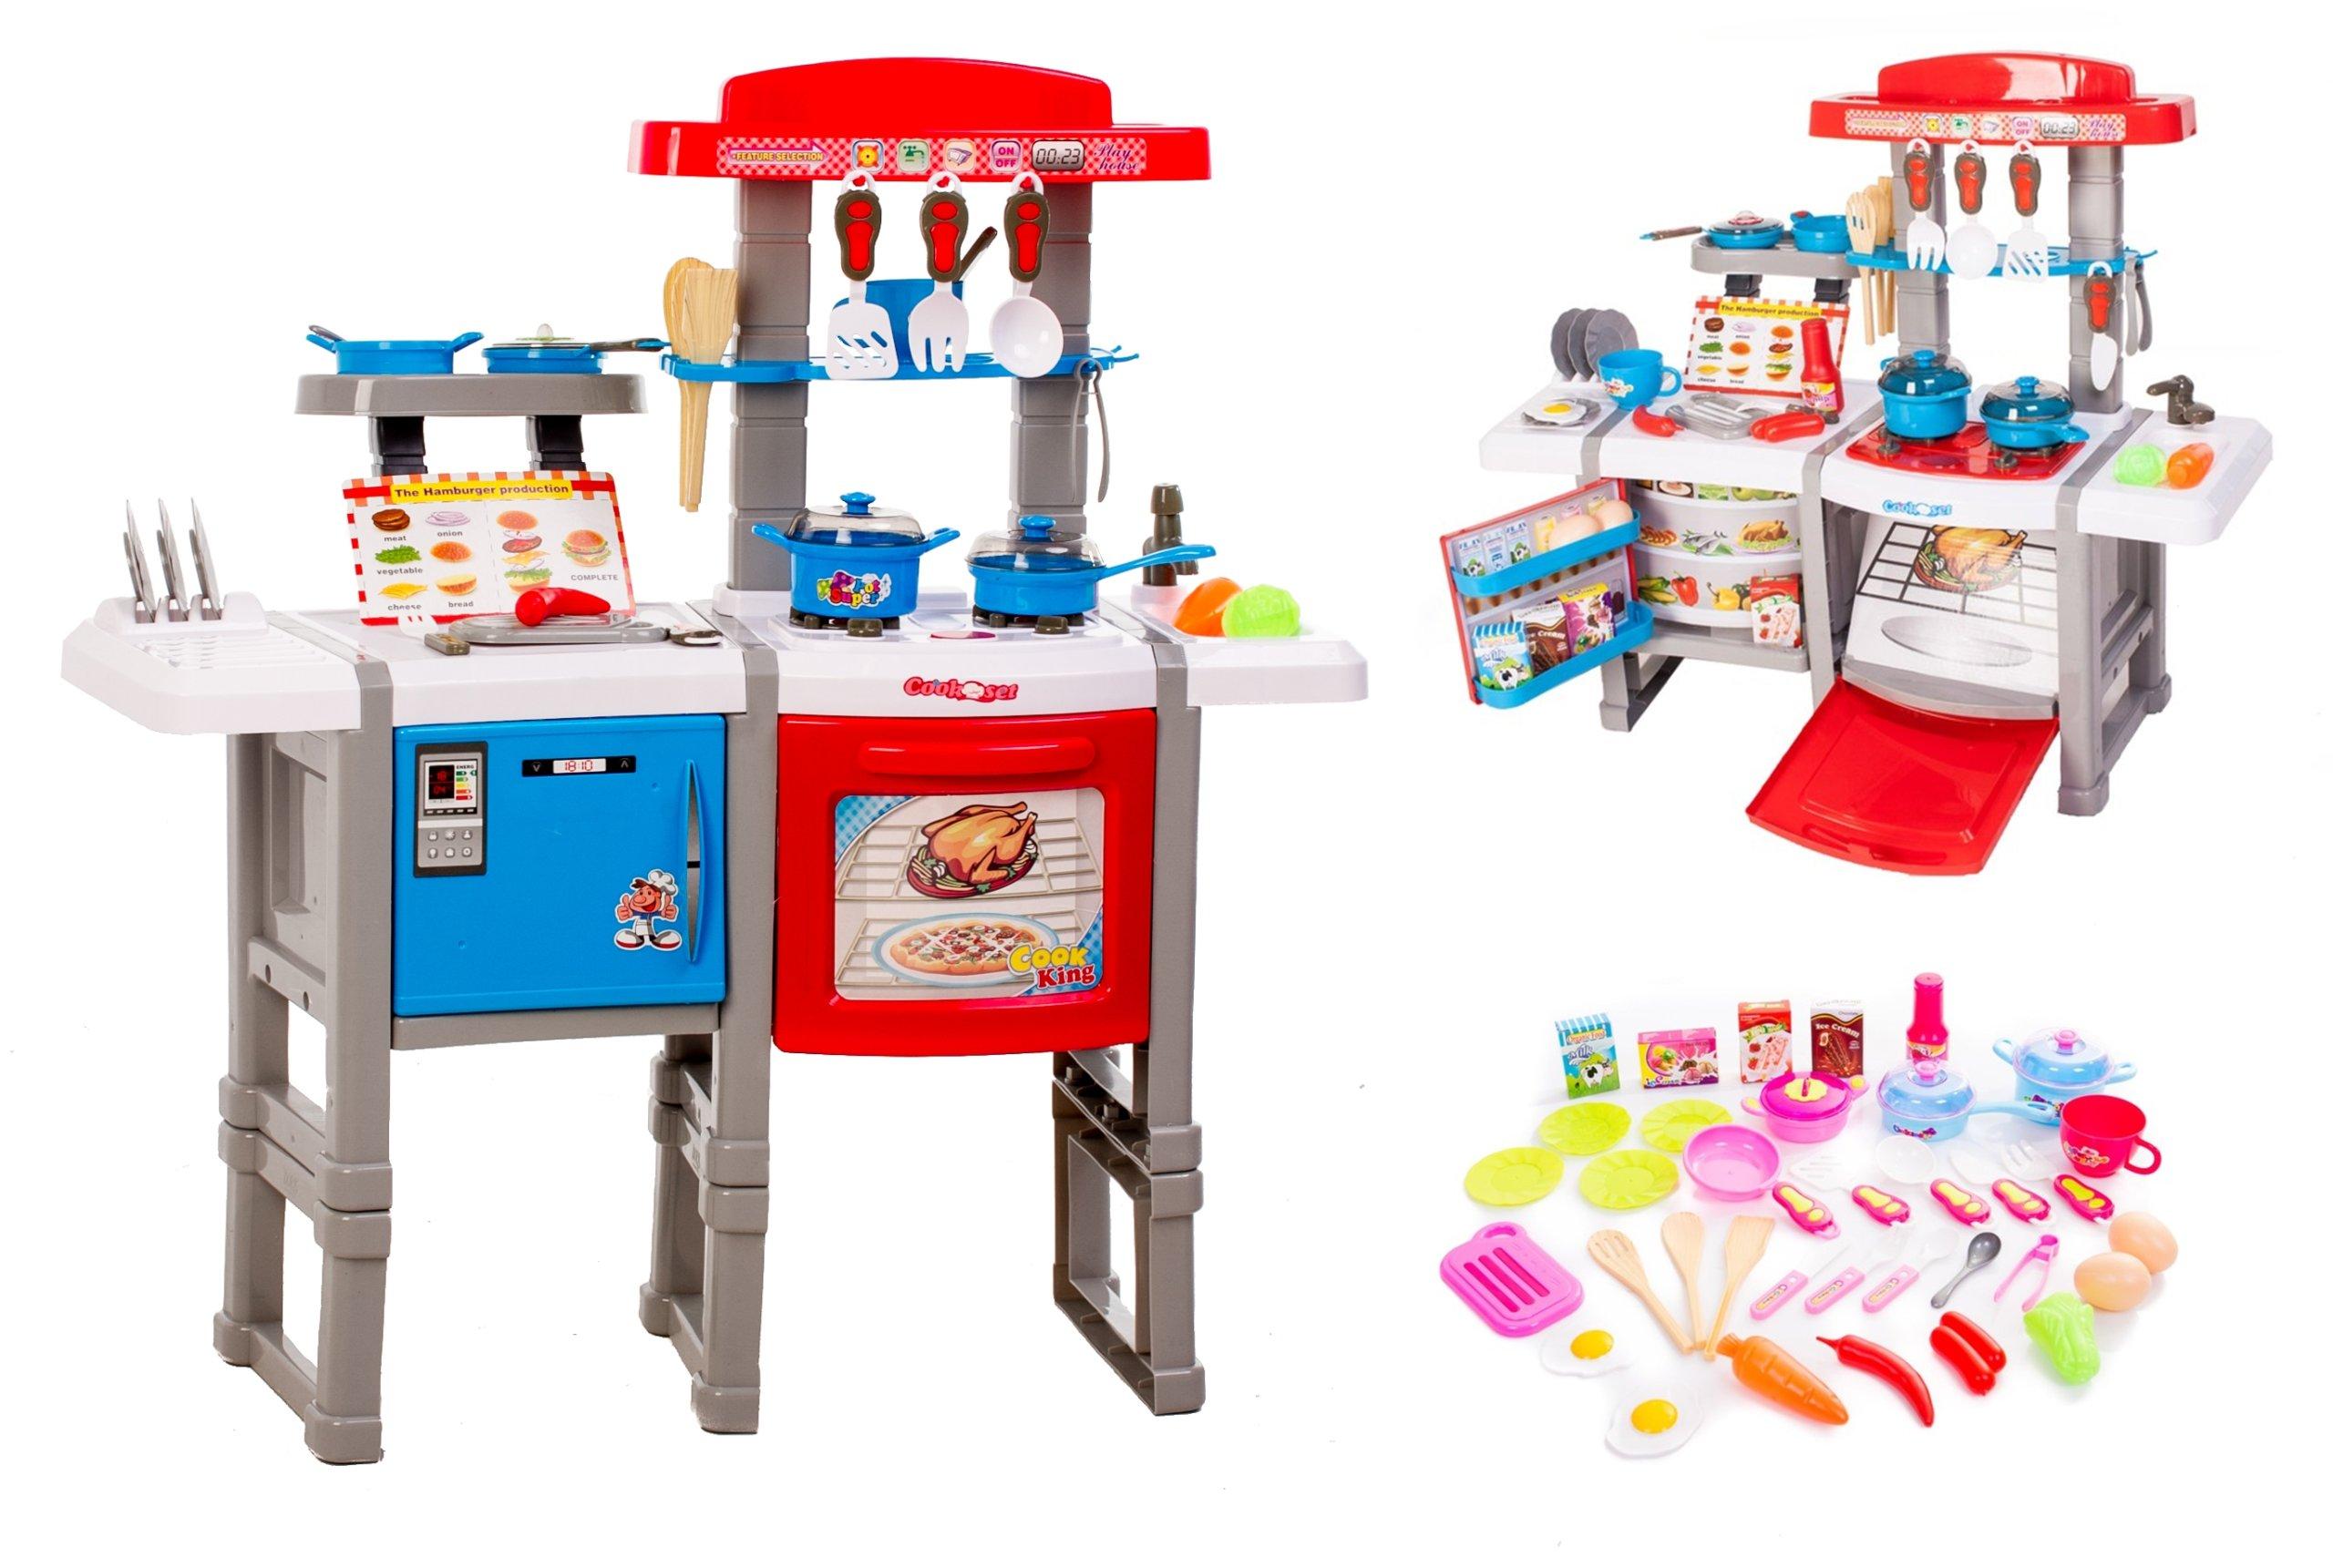 Kuchnia Dla Dzieci Duża Kuchenka Odgłosy Gotowania